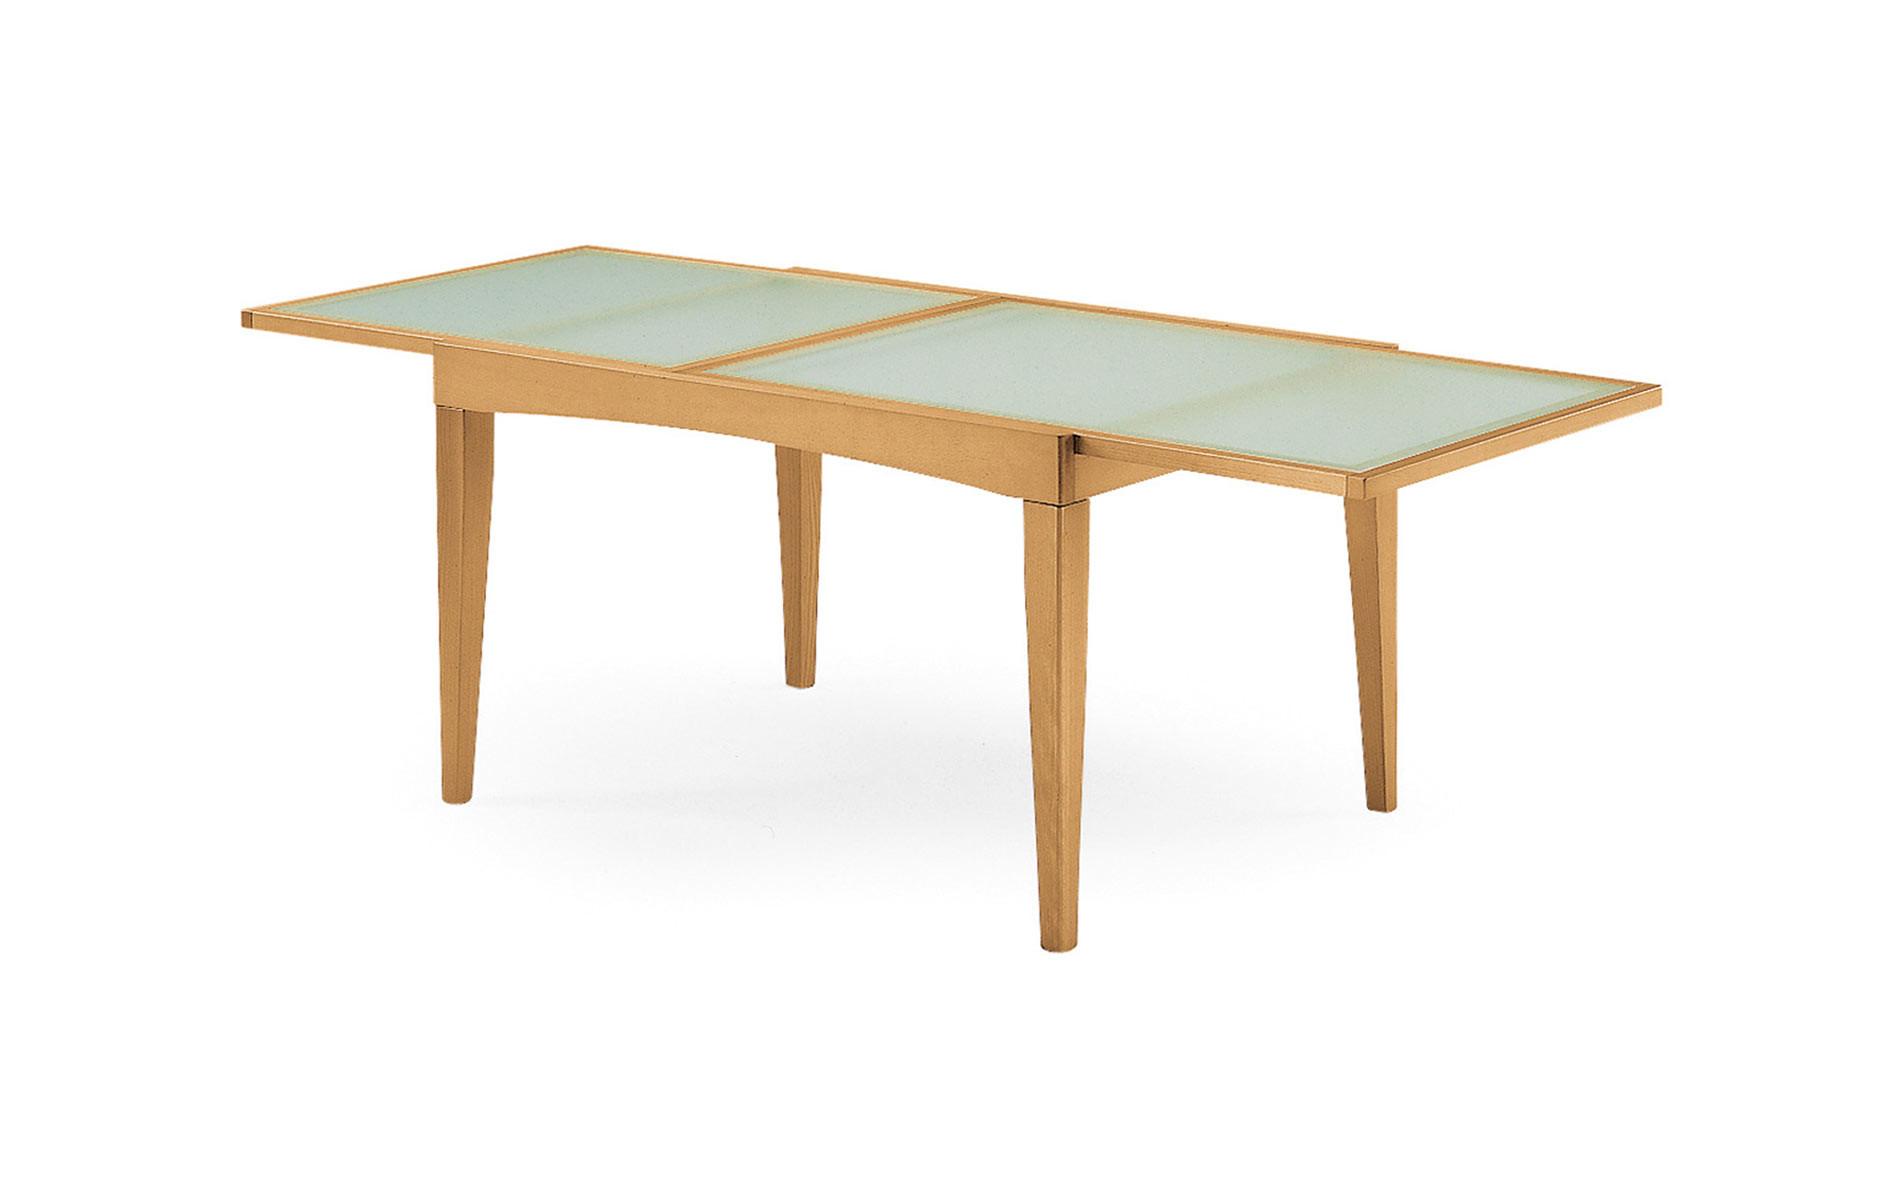 Tavolo davos cr 130 agap forniture - Tavolo agape scavolini prezzo ...